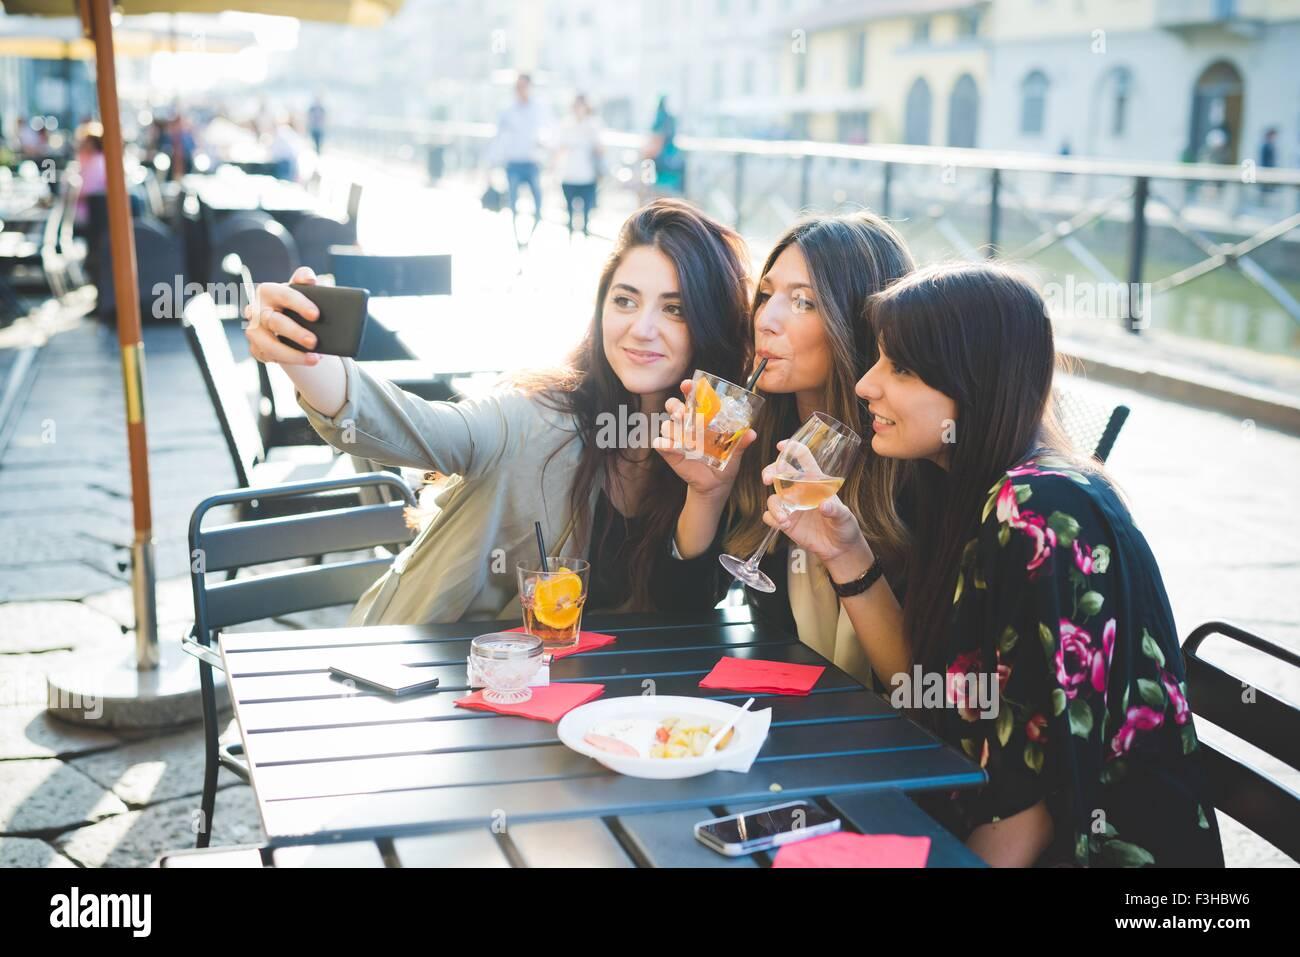 Tres jóvenes mujeres posando para smartphone selfie en waterfront cafe Imagen De Stock